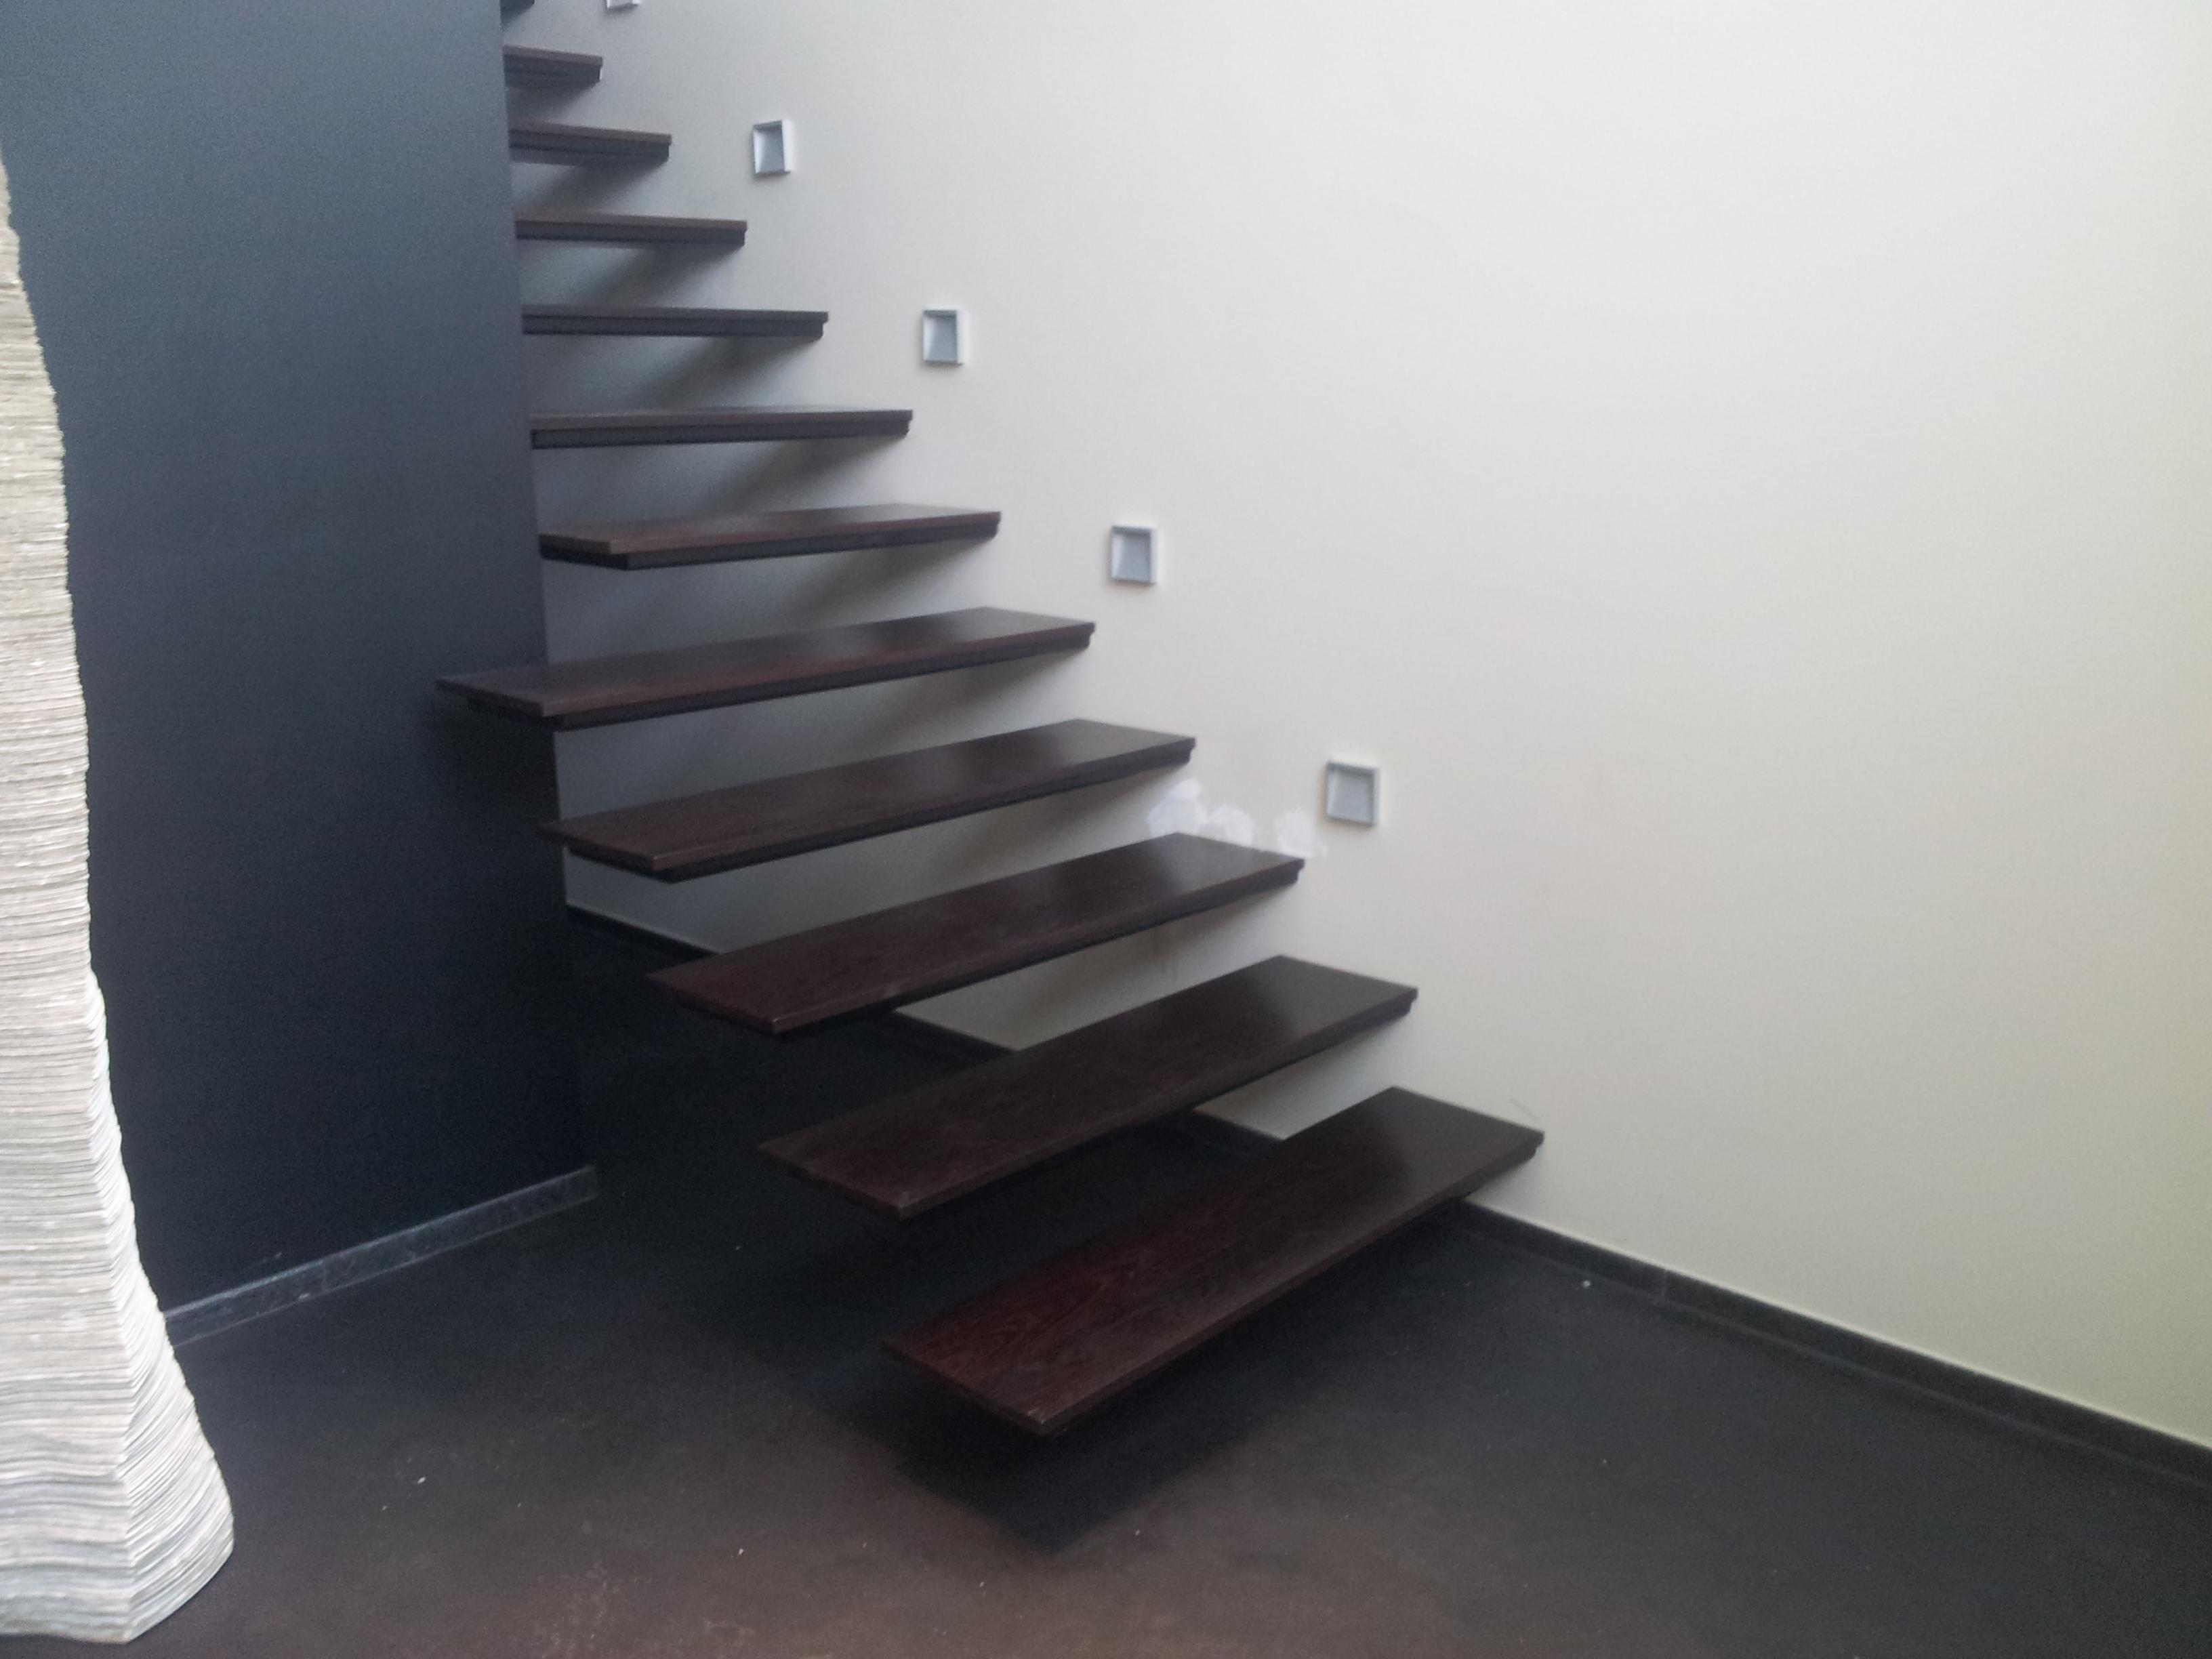 Escalier VDV Intemporel marches en bois